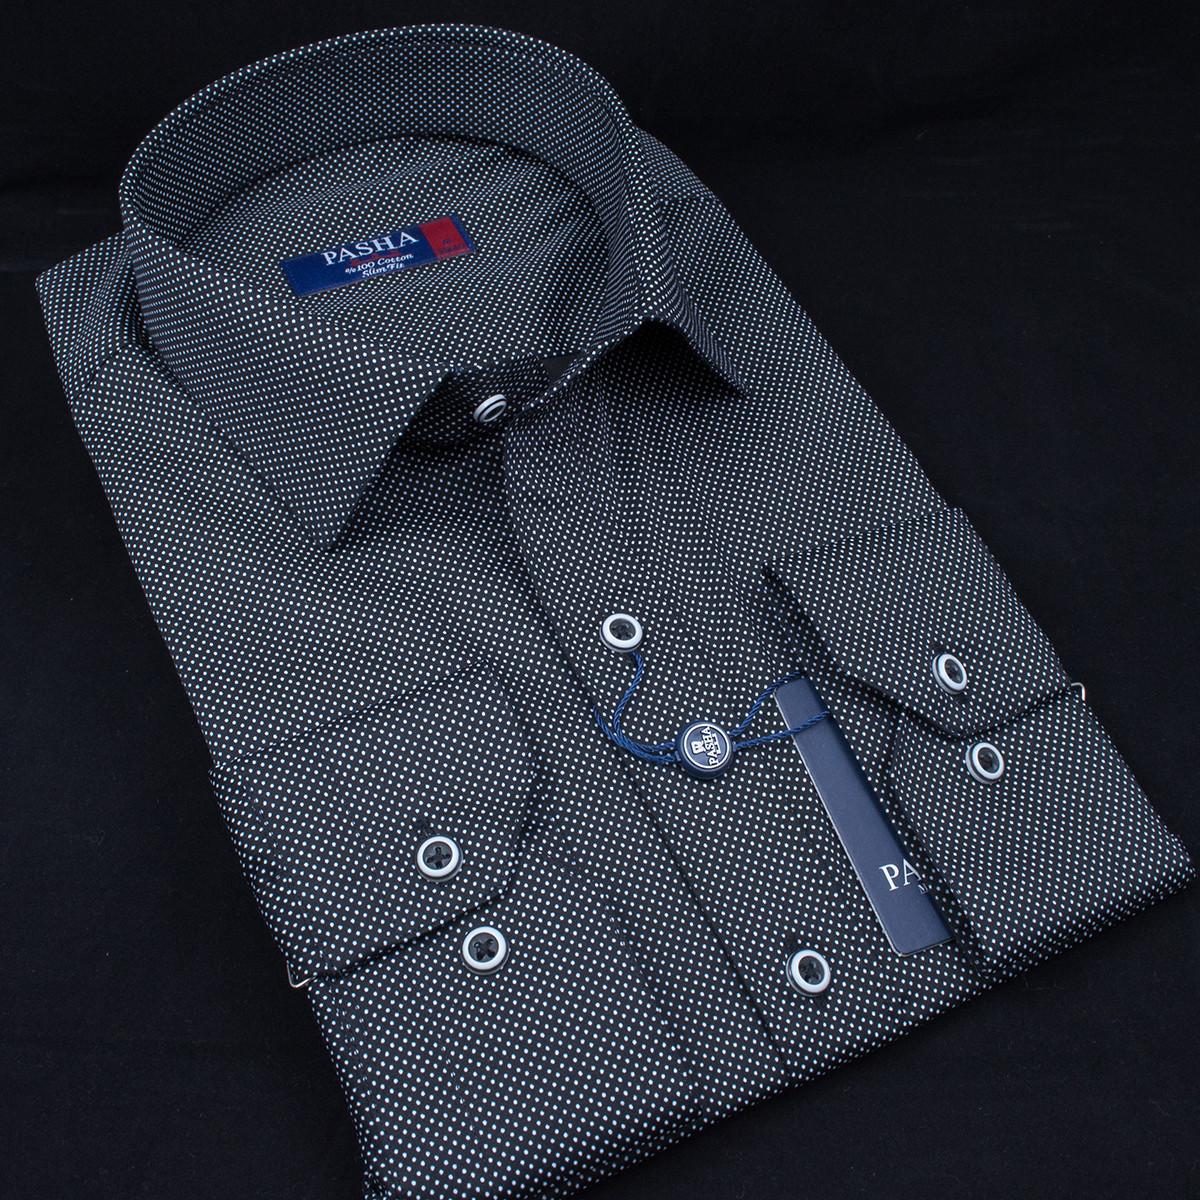 Сорочка чоловіча, приталена (Slim Fit), з довгим рукавом PASHAMEN 00120.10 100% бавовна L(Р)